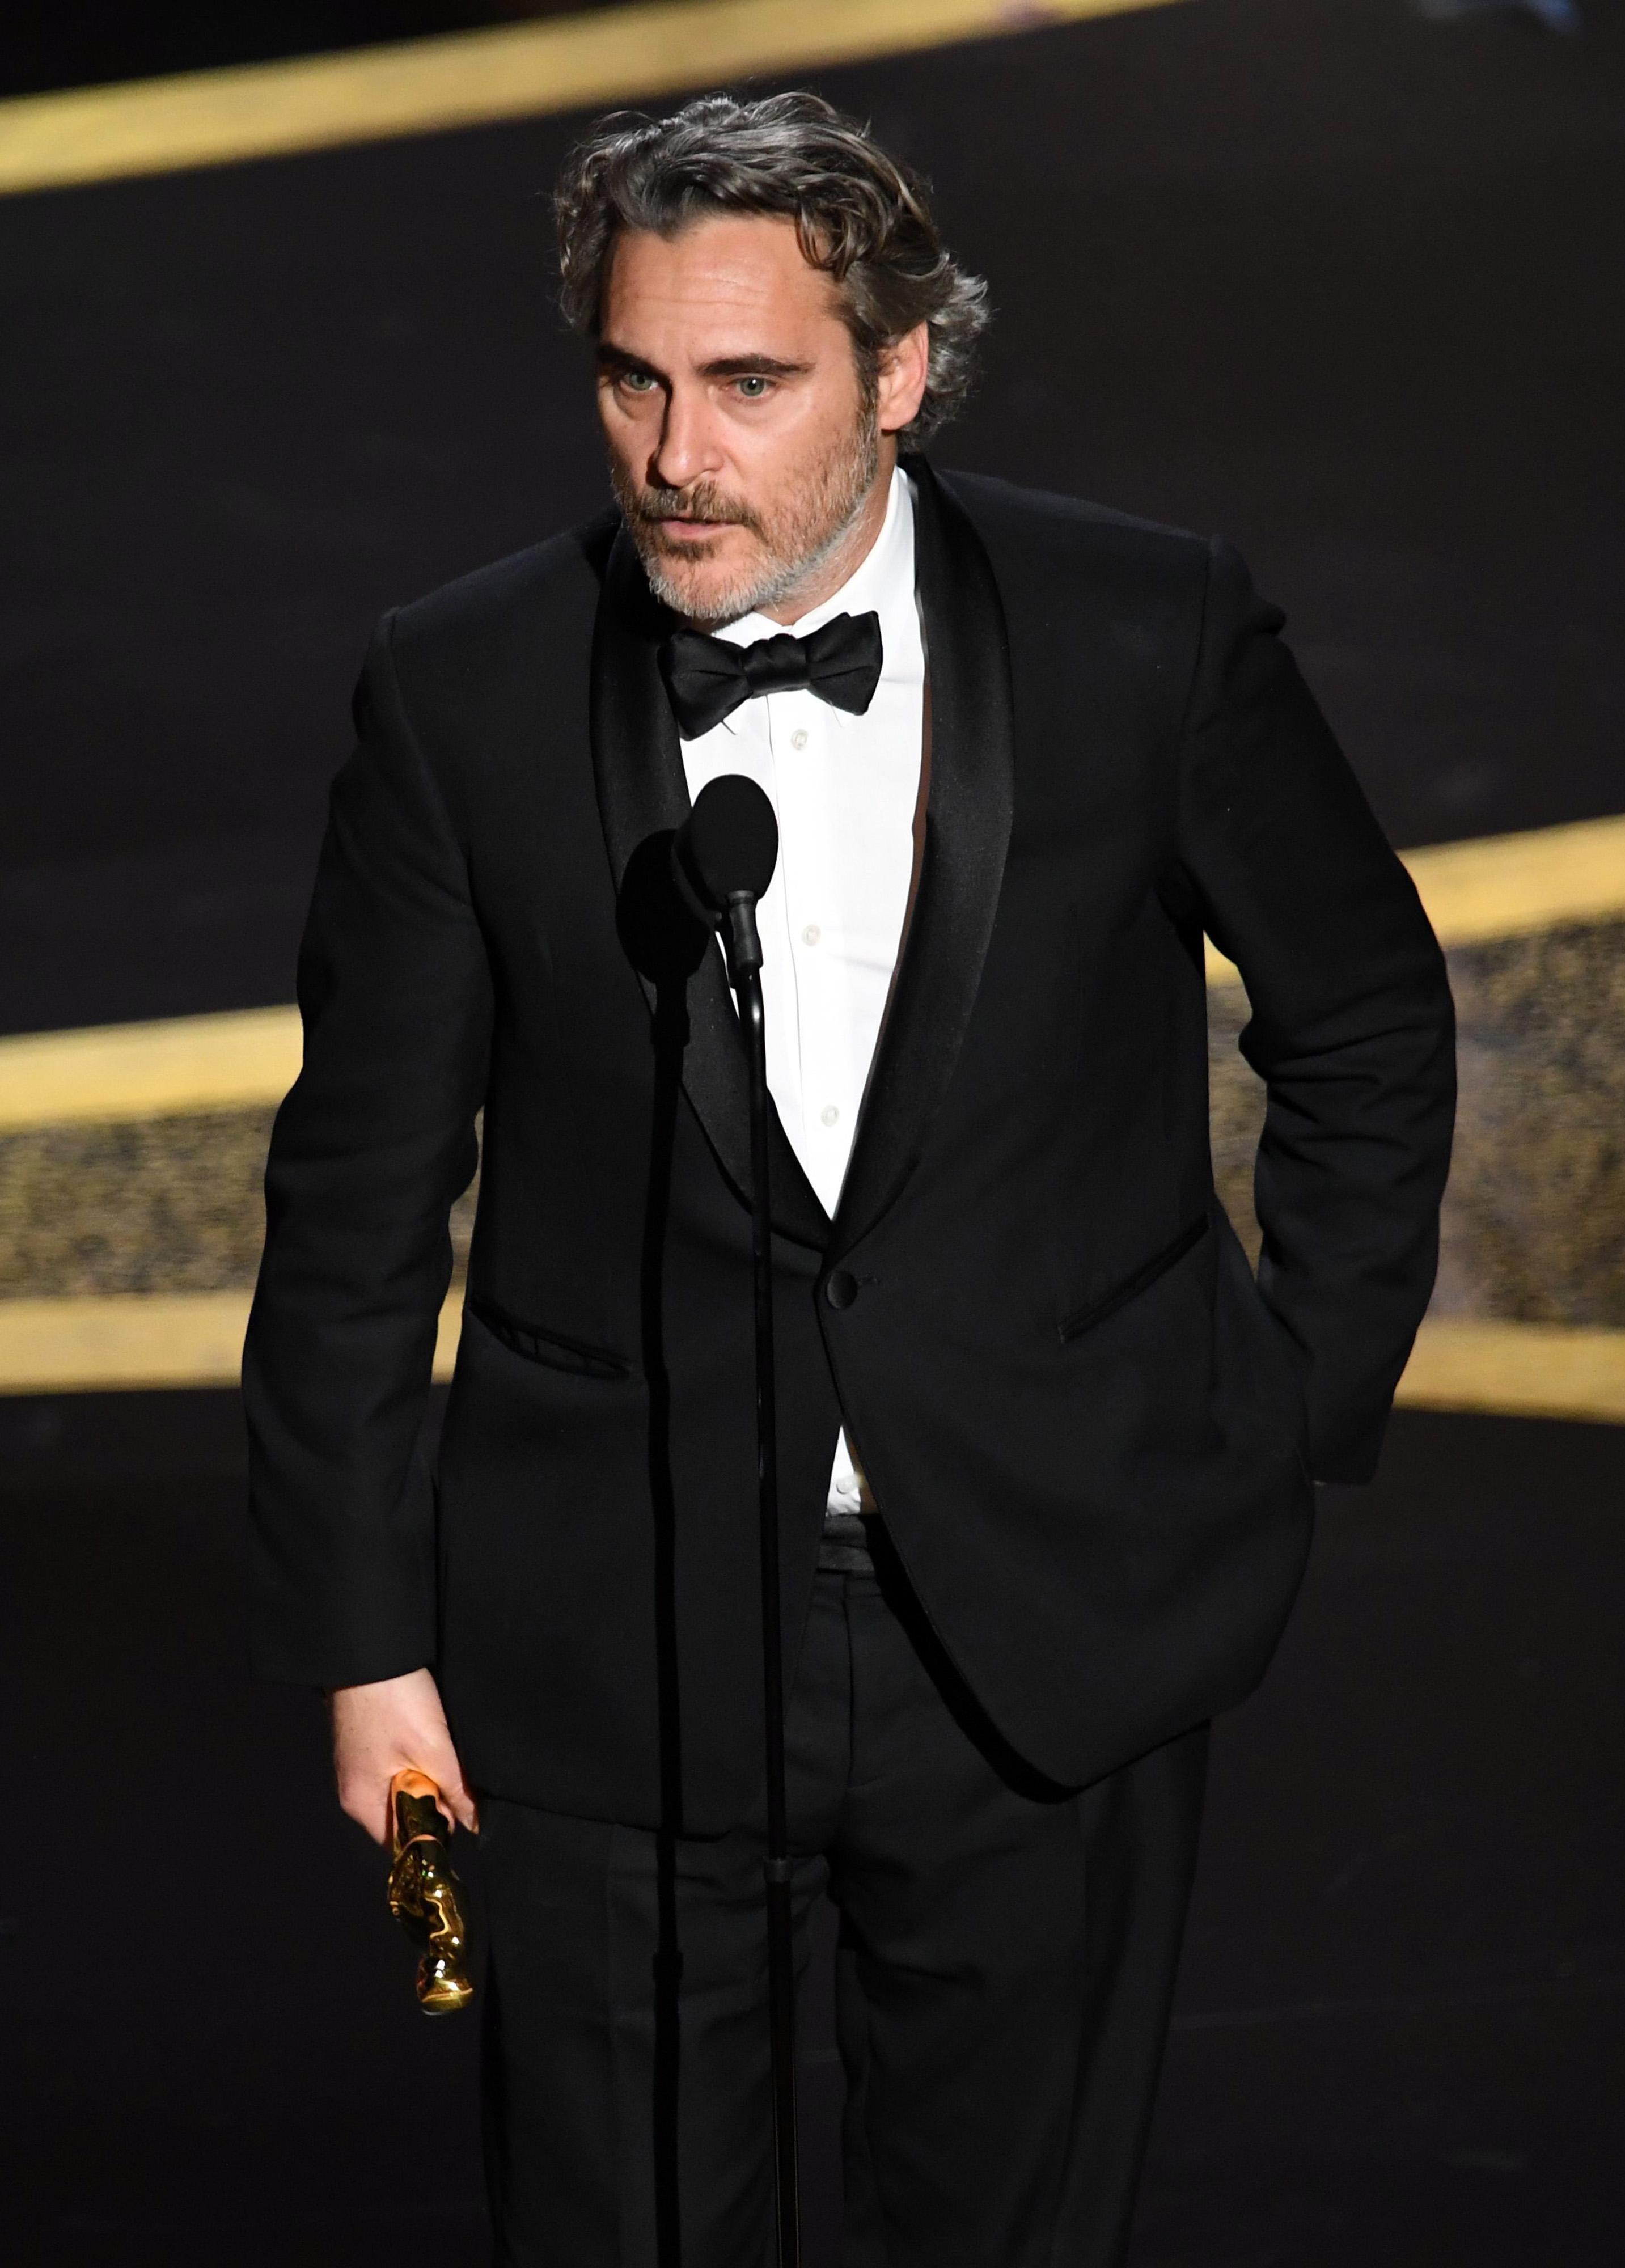 Хоакин Финикс Неземно романтичен и трогващ актьор (вече и татко), който с харизма, талант и умерена доза мистериозност печели нас, жените, a през 2020 спечели и Оскар за най-добър актьор.